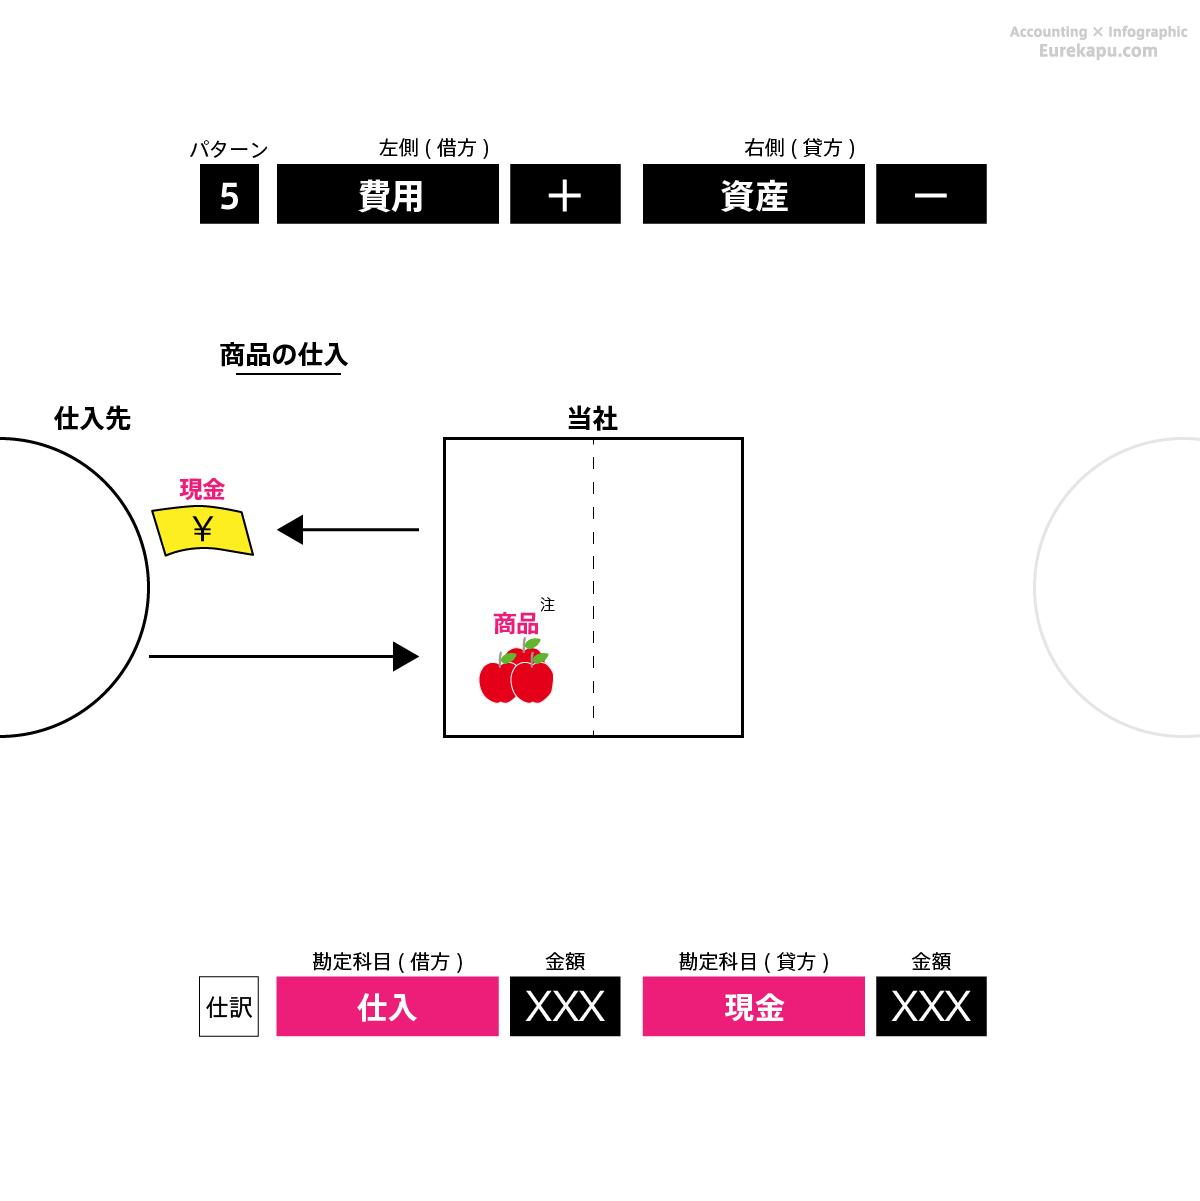 仕訳のパターン5の具体例2を解説しています